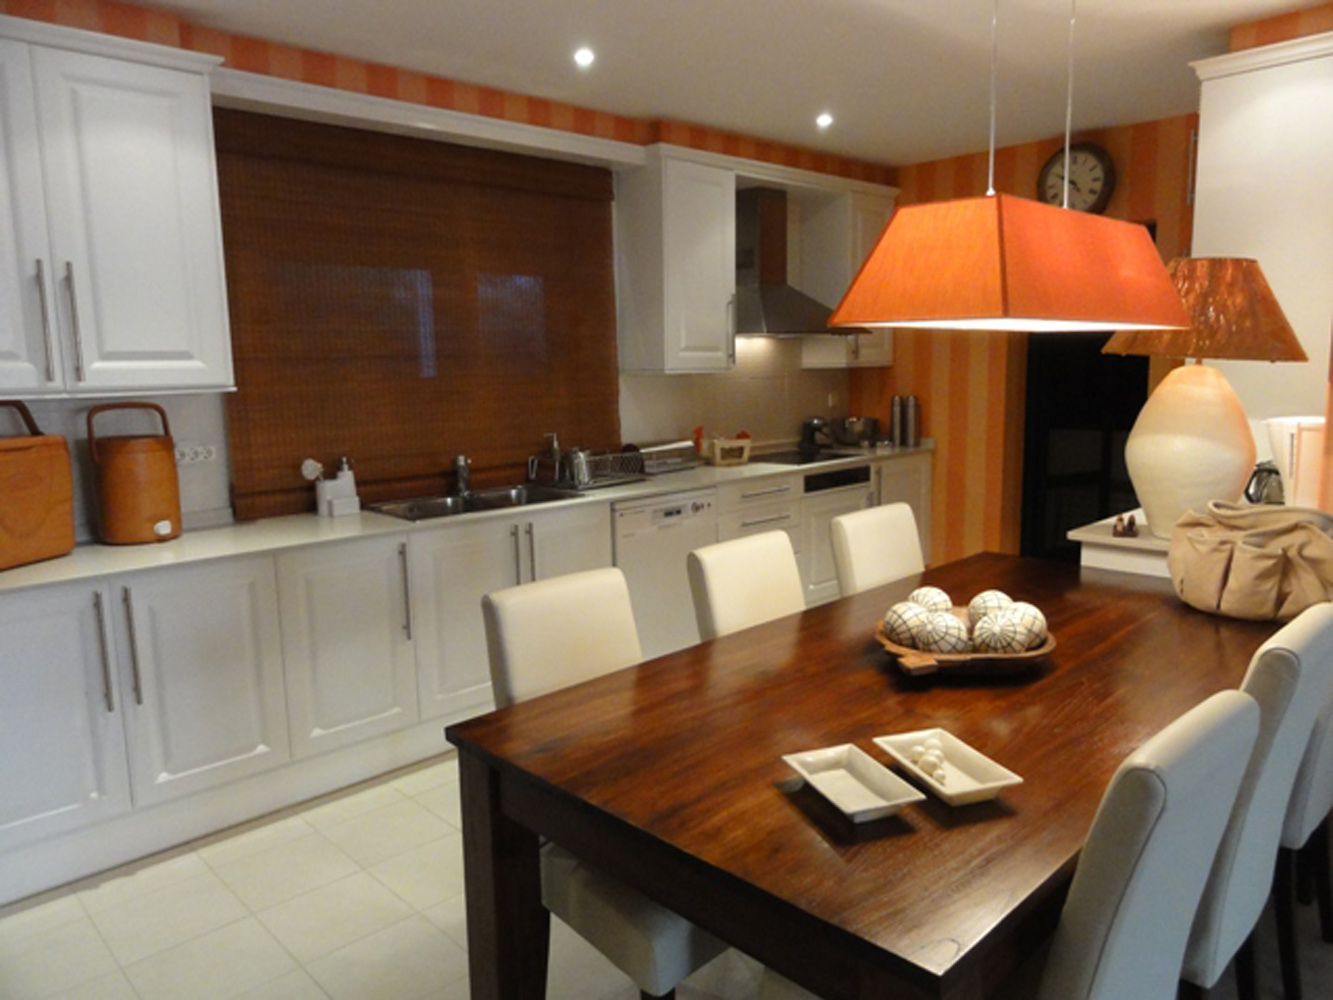 Apartamento bah a de altea en altea comprar y vender - Venta de apartamentos en altea ...